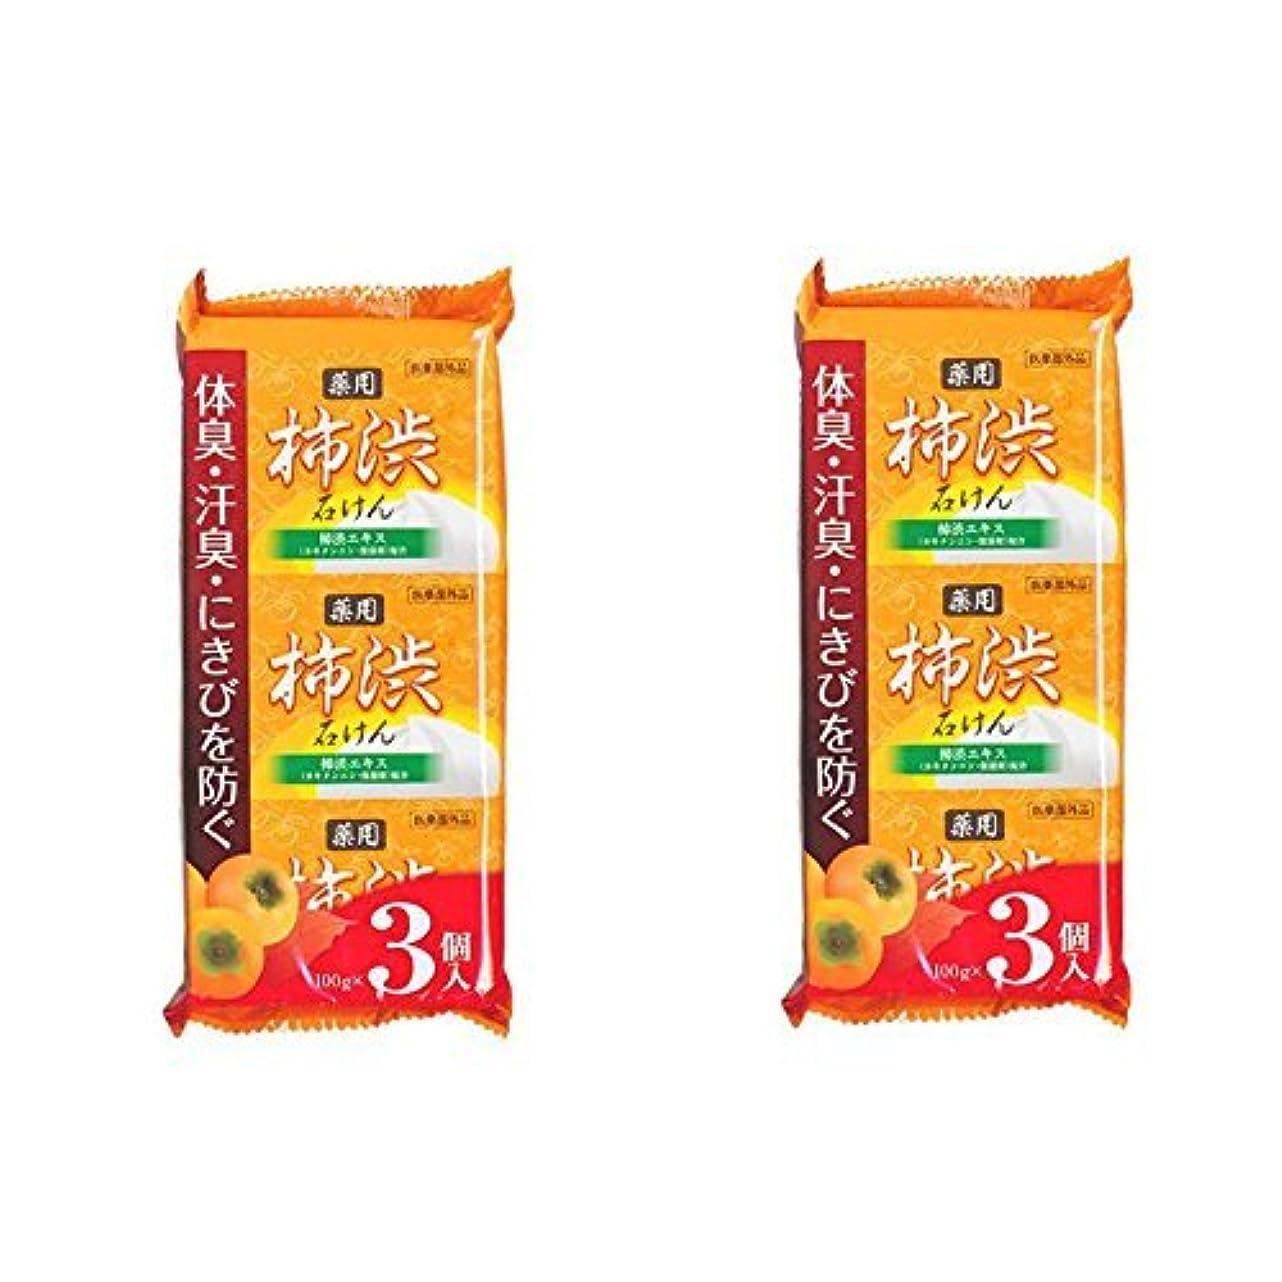 全滅させるメロンロマンチック柿渋石鹸 100g×6個セット(3個入り×2袋) 柿渋エキス カキタンニン?保湿剤配合